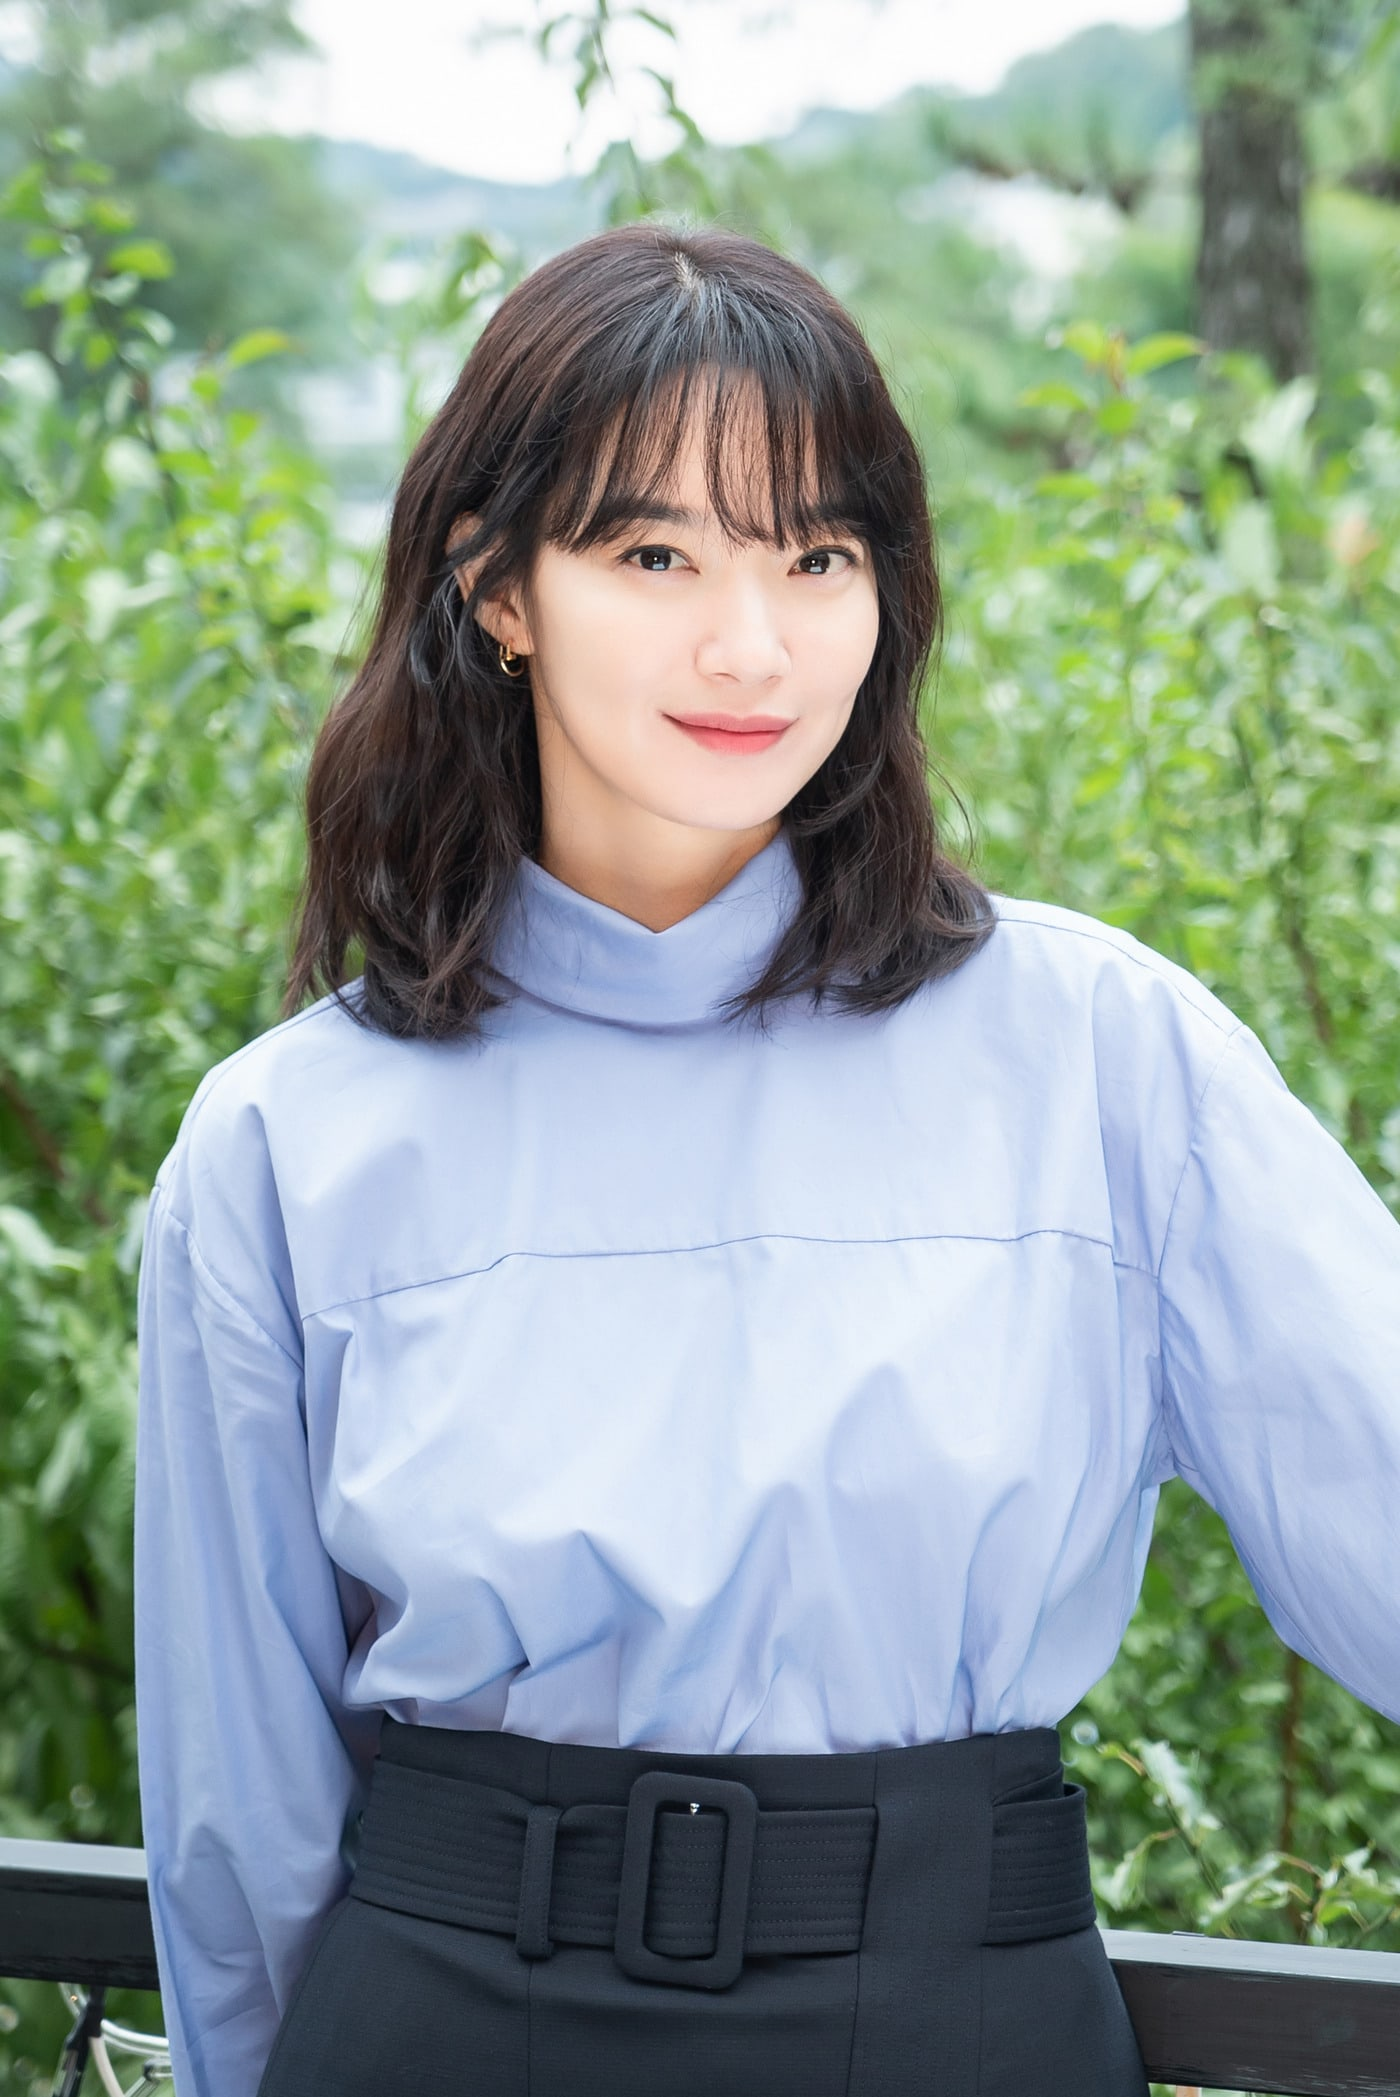 Shin Min-ah - K-Drama - Asiachan KPOP Image Board